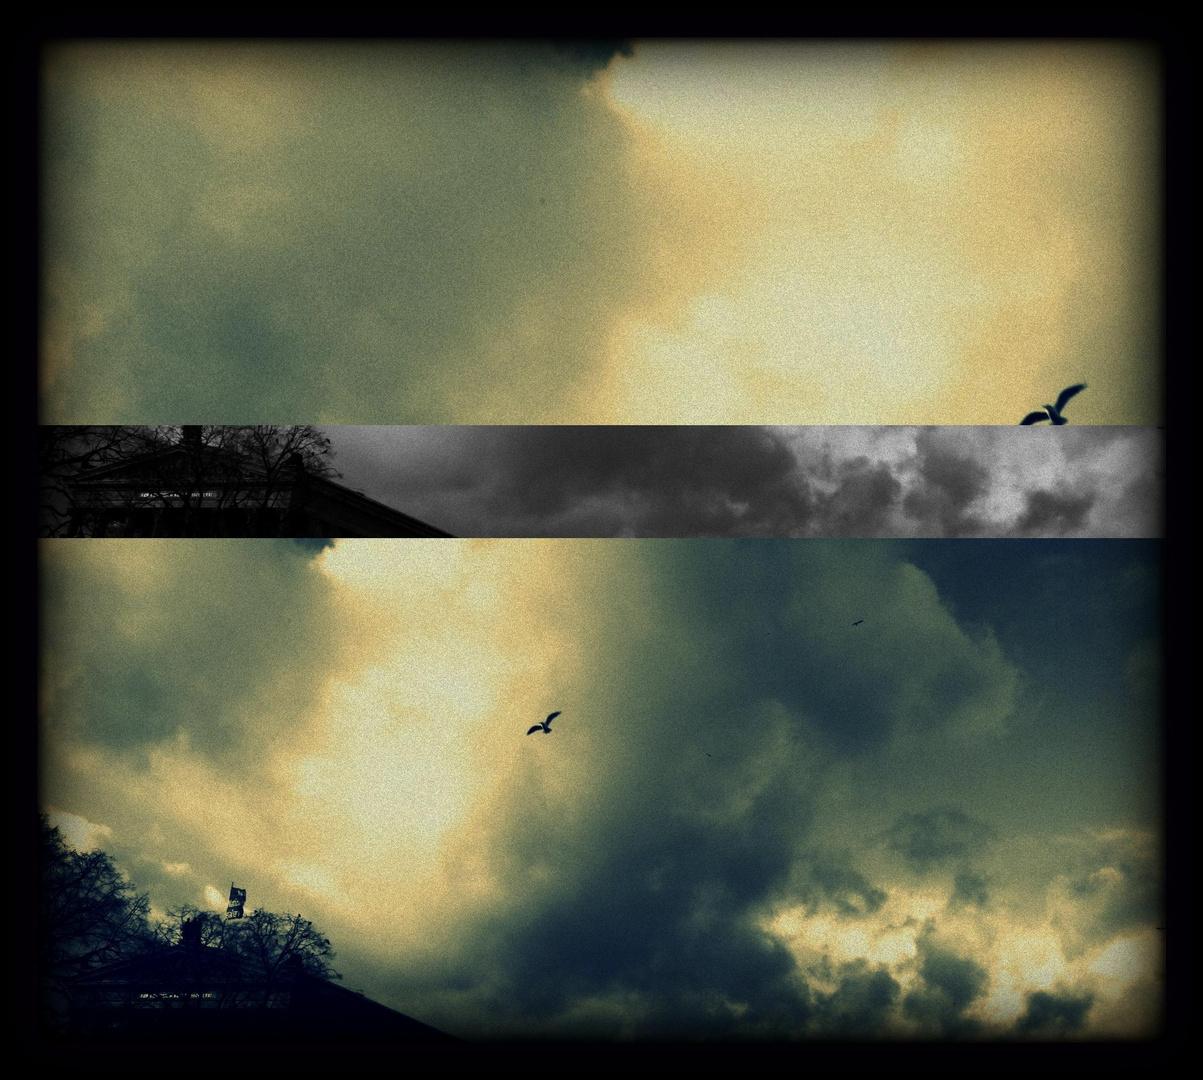 Plötzlich wieder Kind, frei wie der Wind, fliegt Vögel, fliegt, geschwind!